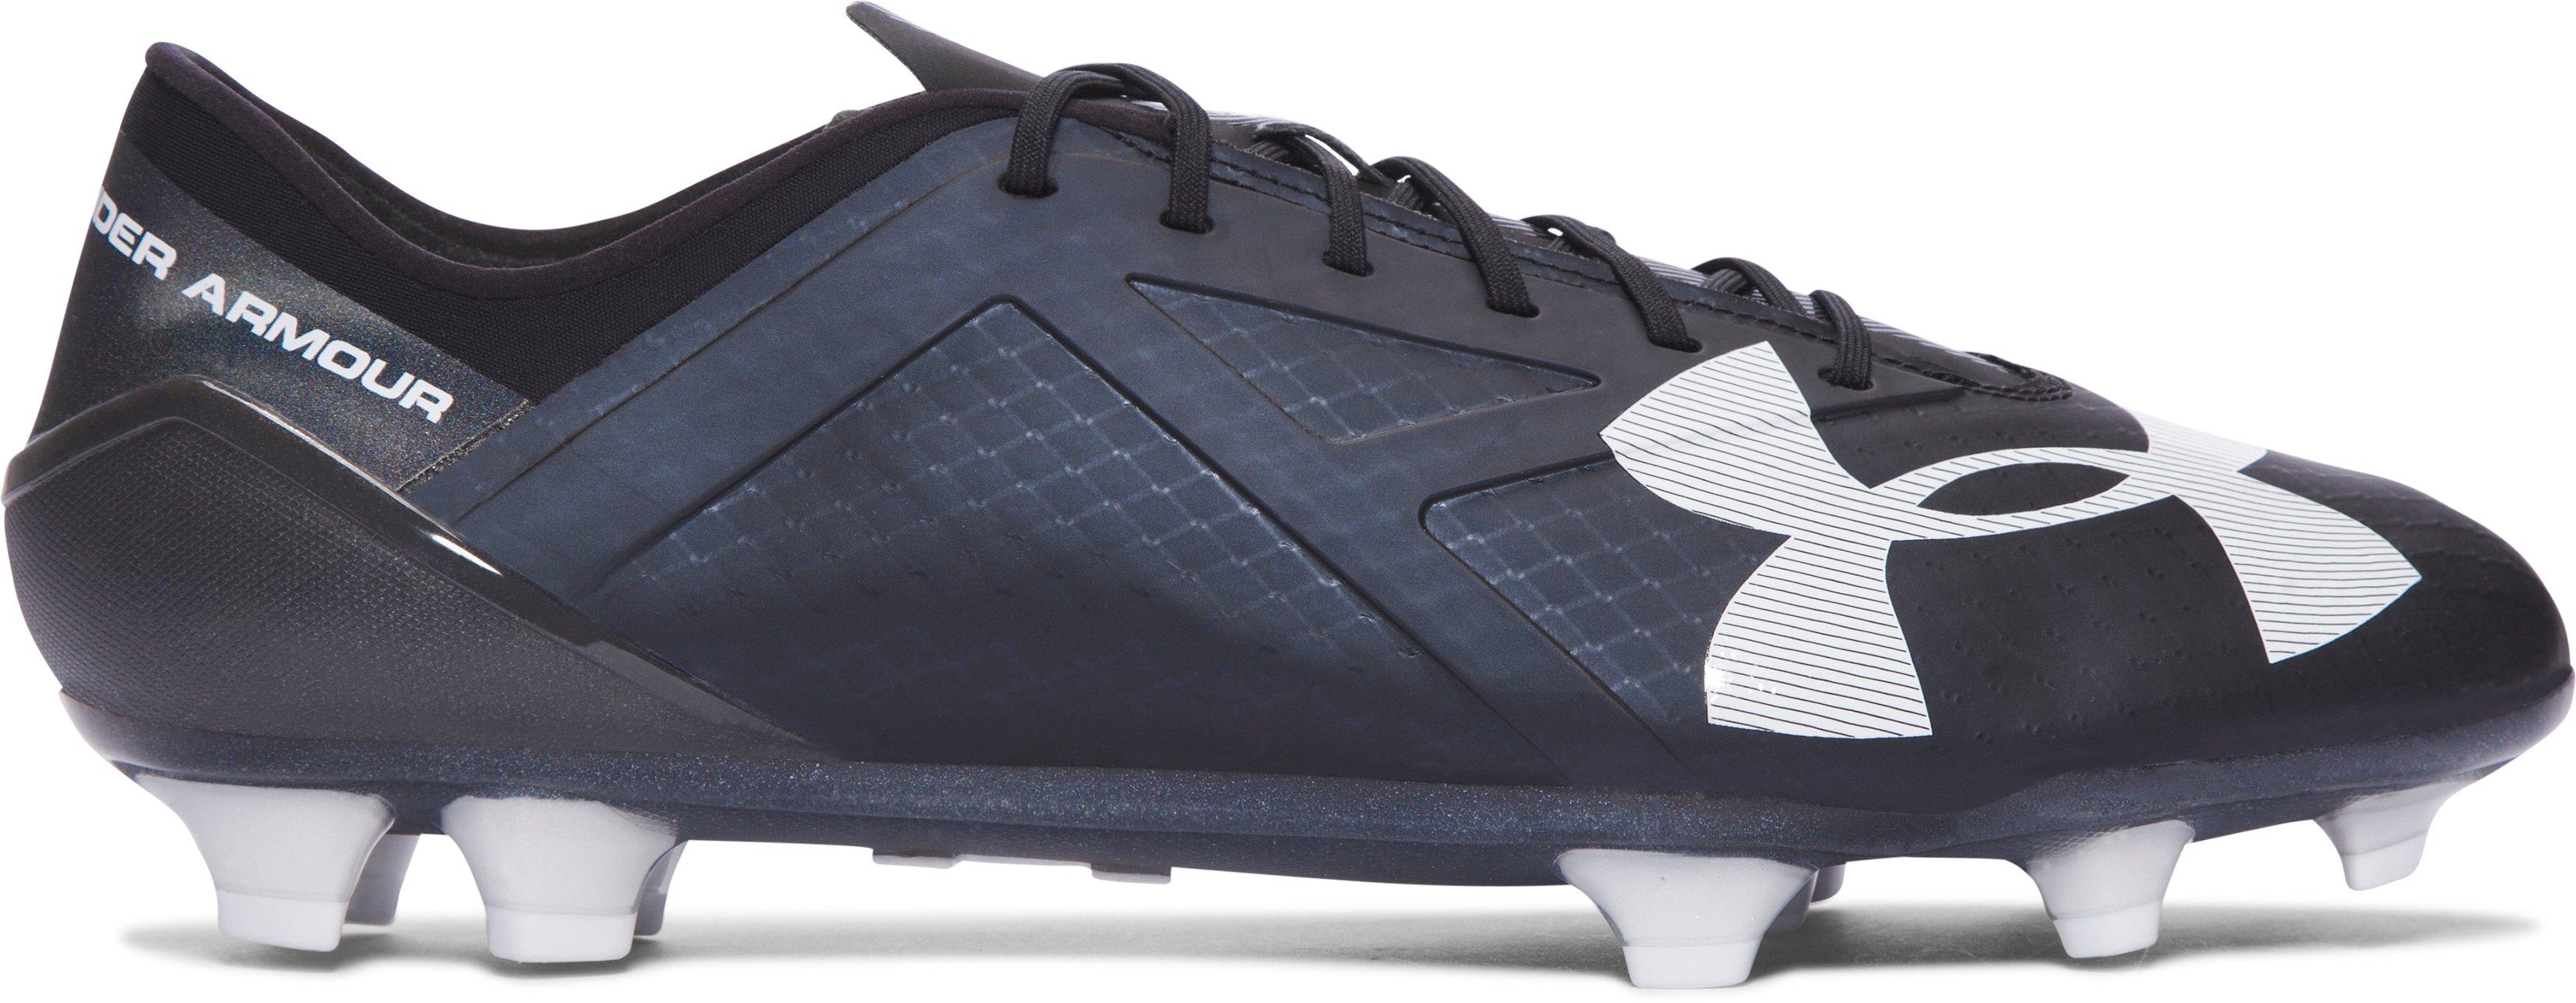 Zapatos de Fútbol FG UA Spotlight para Hombre, 360 degree view